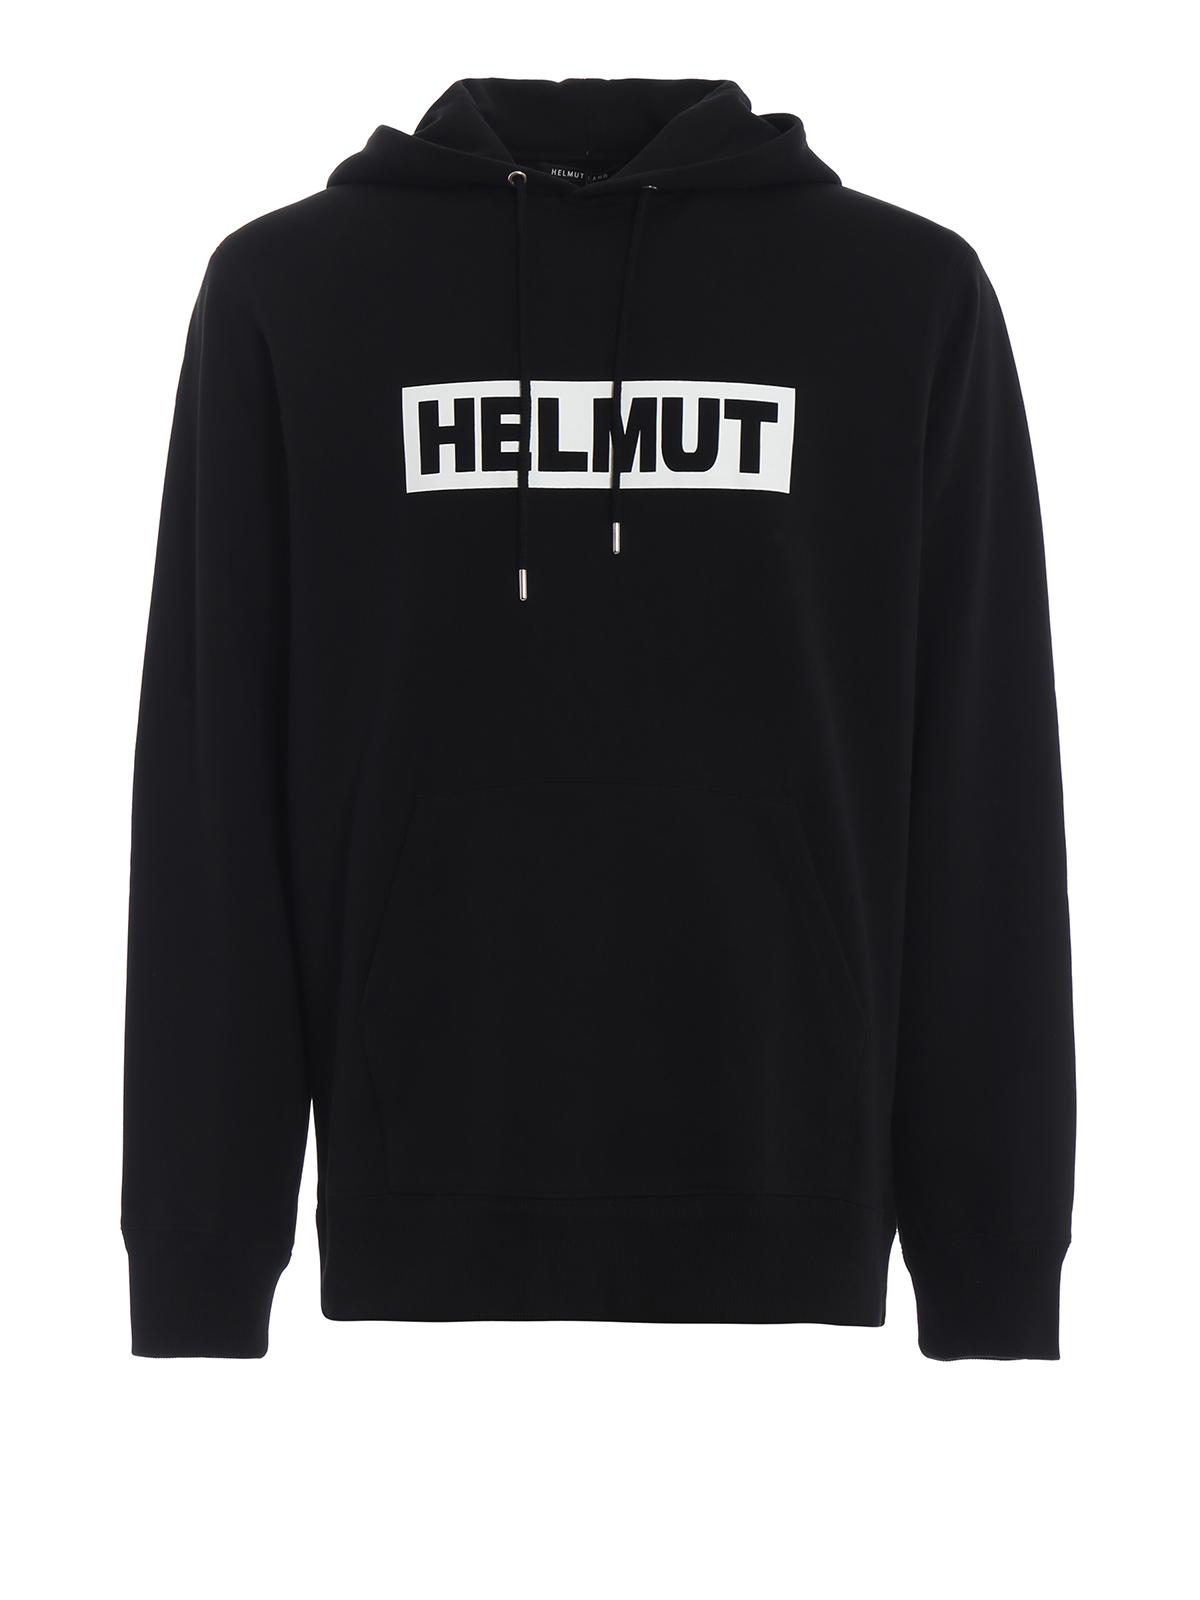 281bf8a75e481d Helmut Lang - Sweatshirt - Schwarz - Sweatshirts und Pullover ...